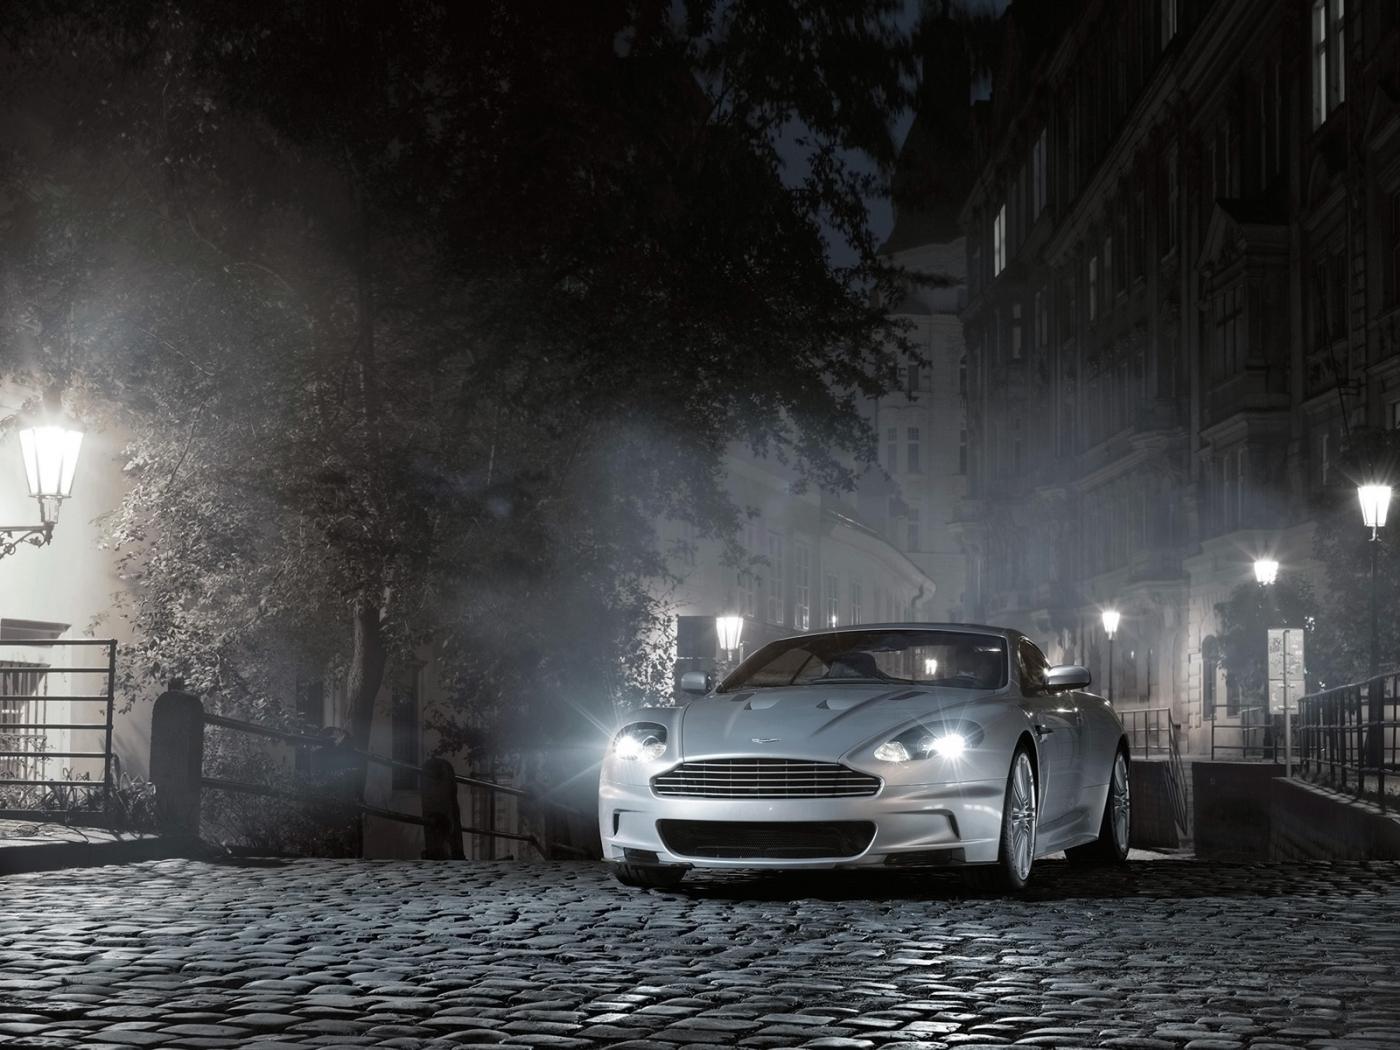 44861 скачать обои Транспорт, Машины, Астон Мартин (Aston Martin) - заставки и картинки бесплатно